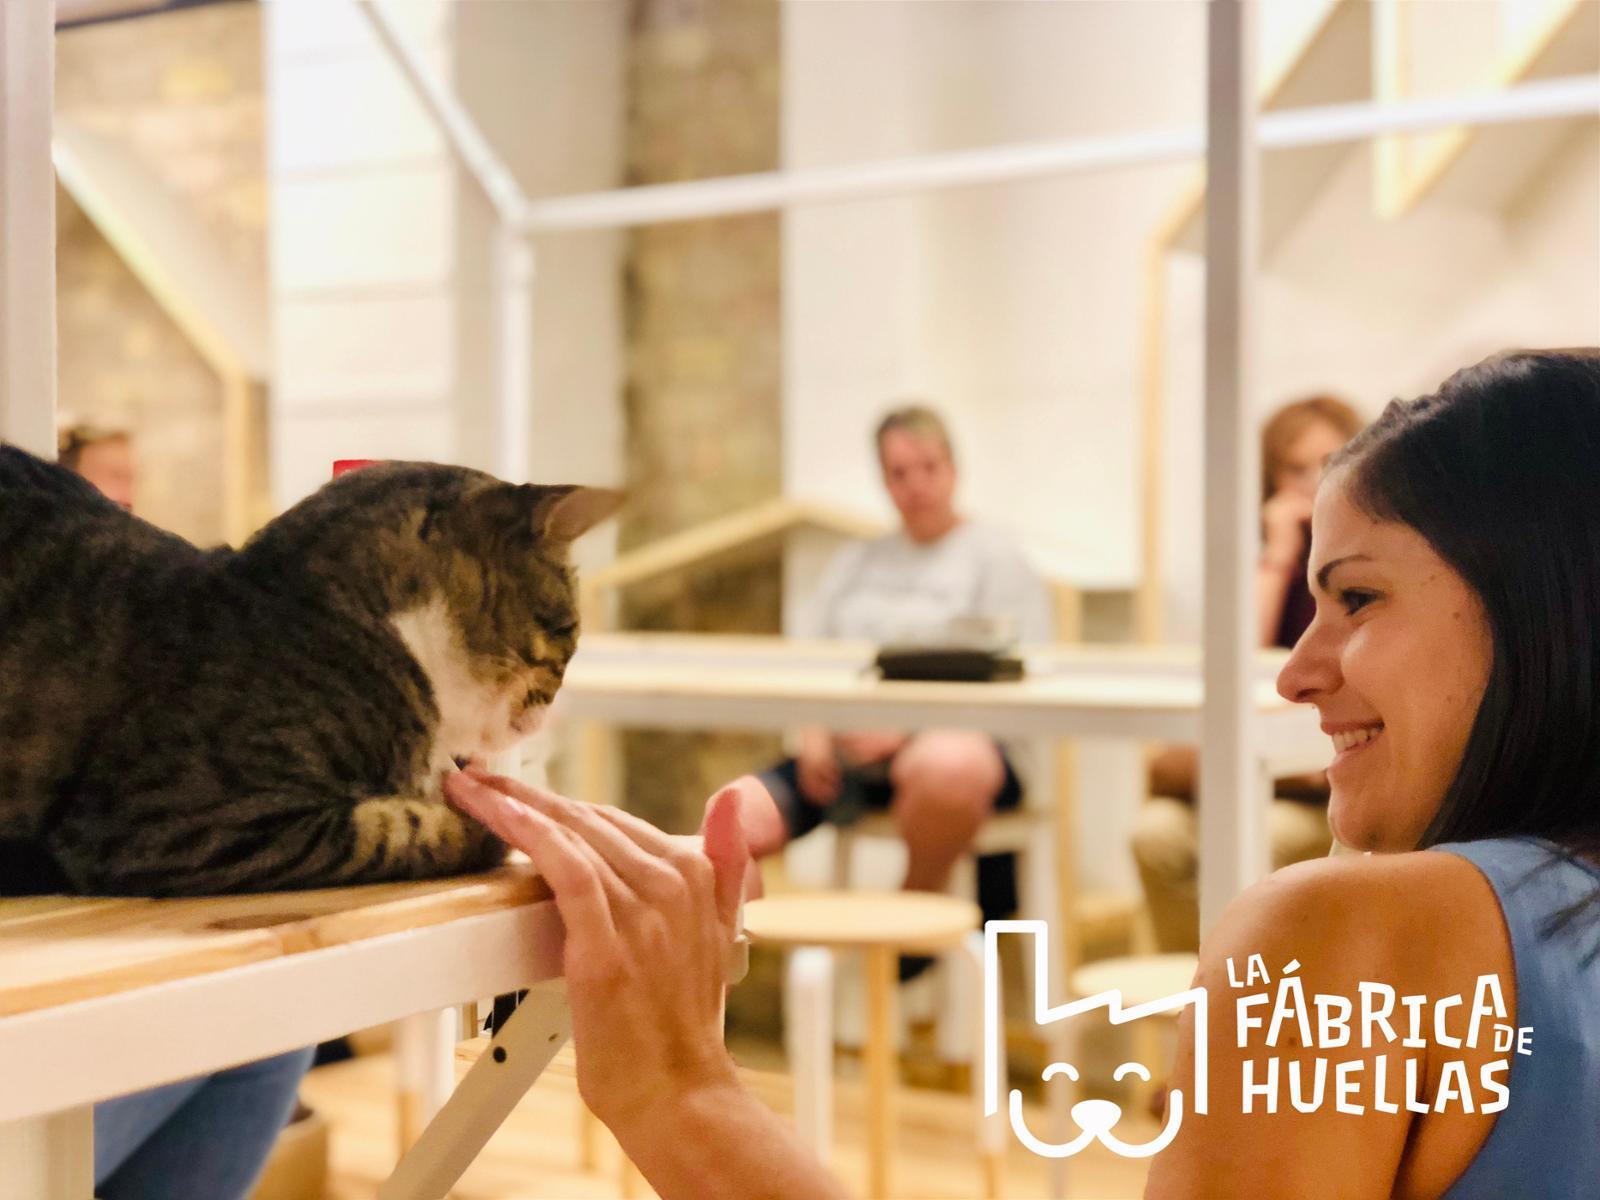 La Fábrica de Huellas (La Casa de los Gatos)